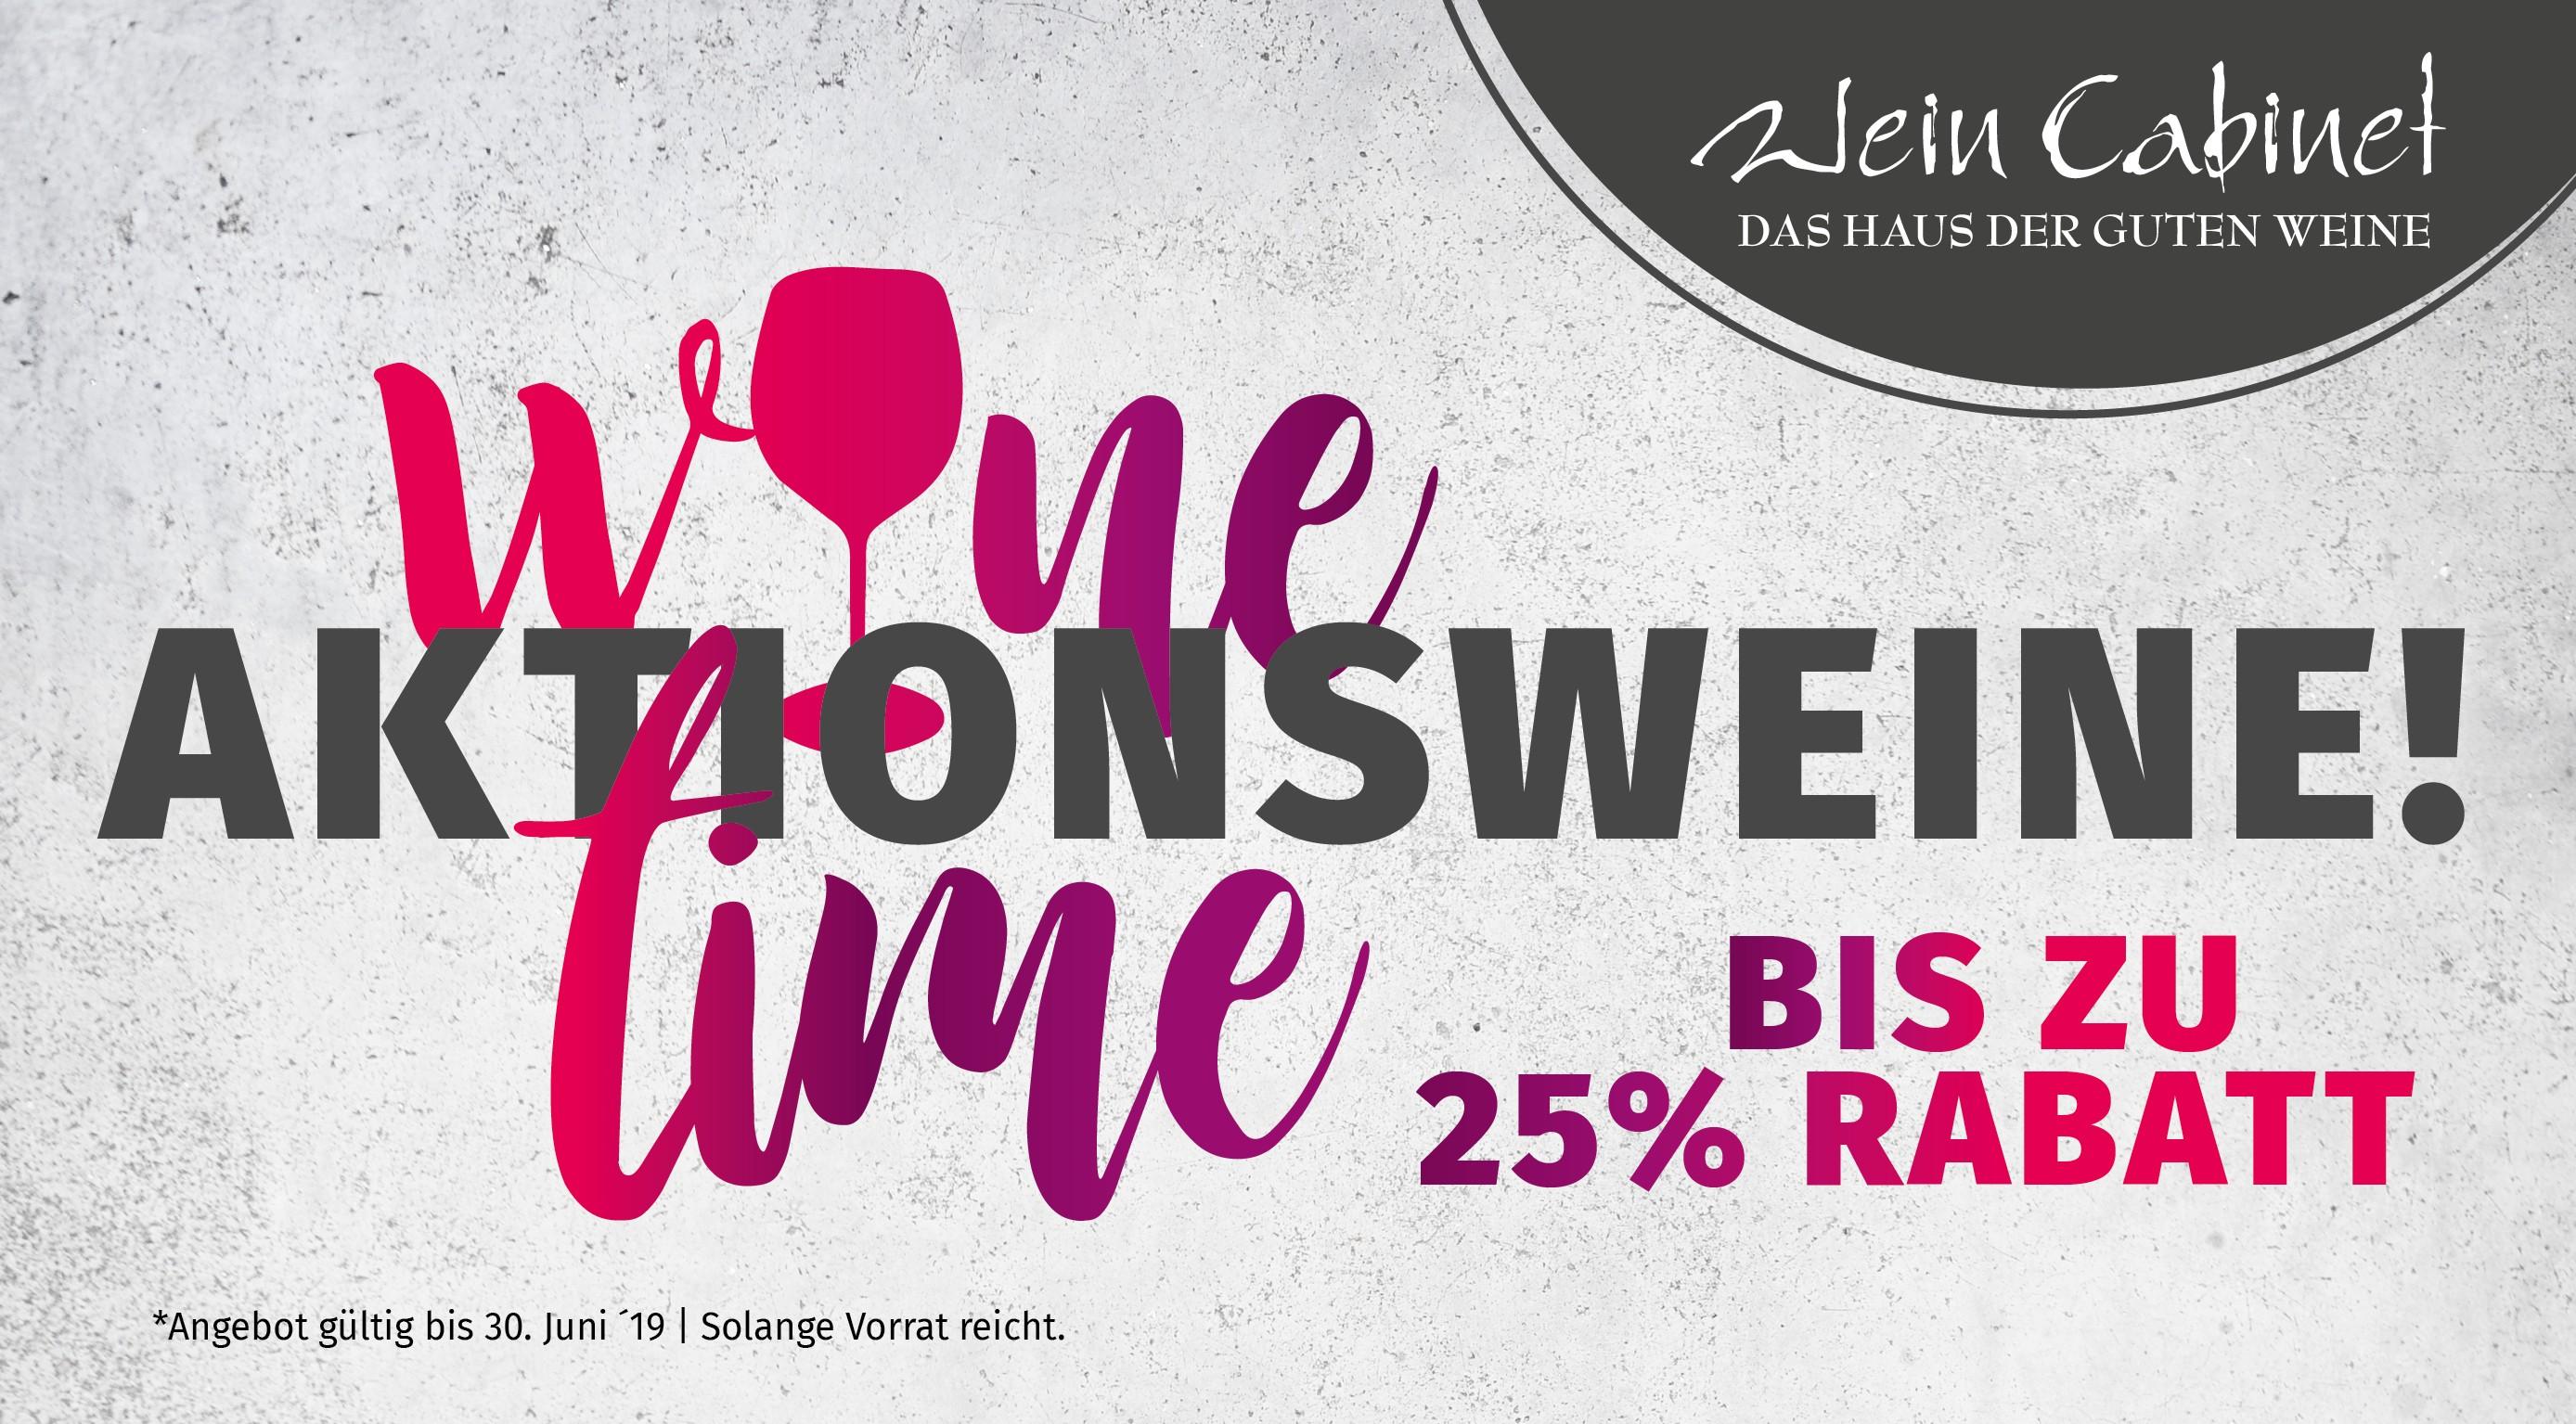 Aktionsweine, Weinverliebt, Wein-Events, Weinliebe, Weinfest, Wein Cabinet Briem, Berkum, Wachtberg,